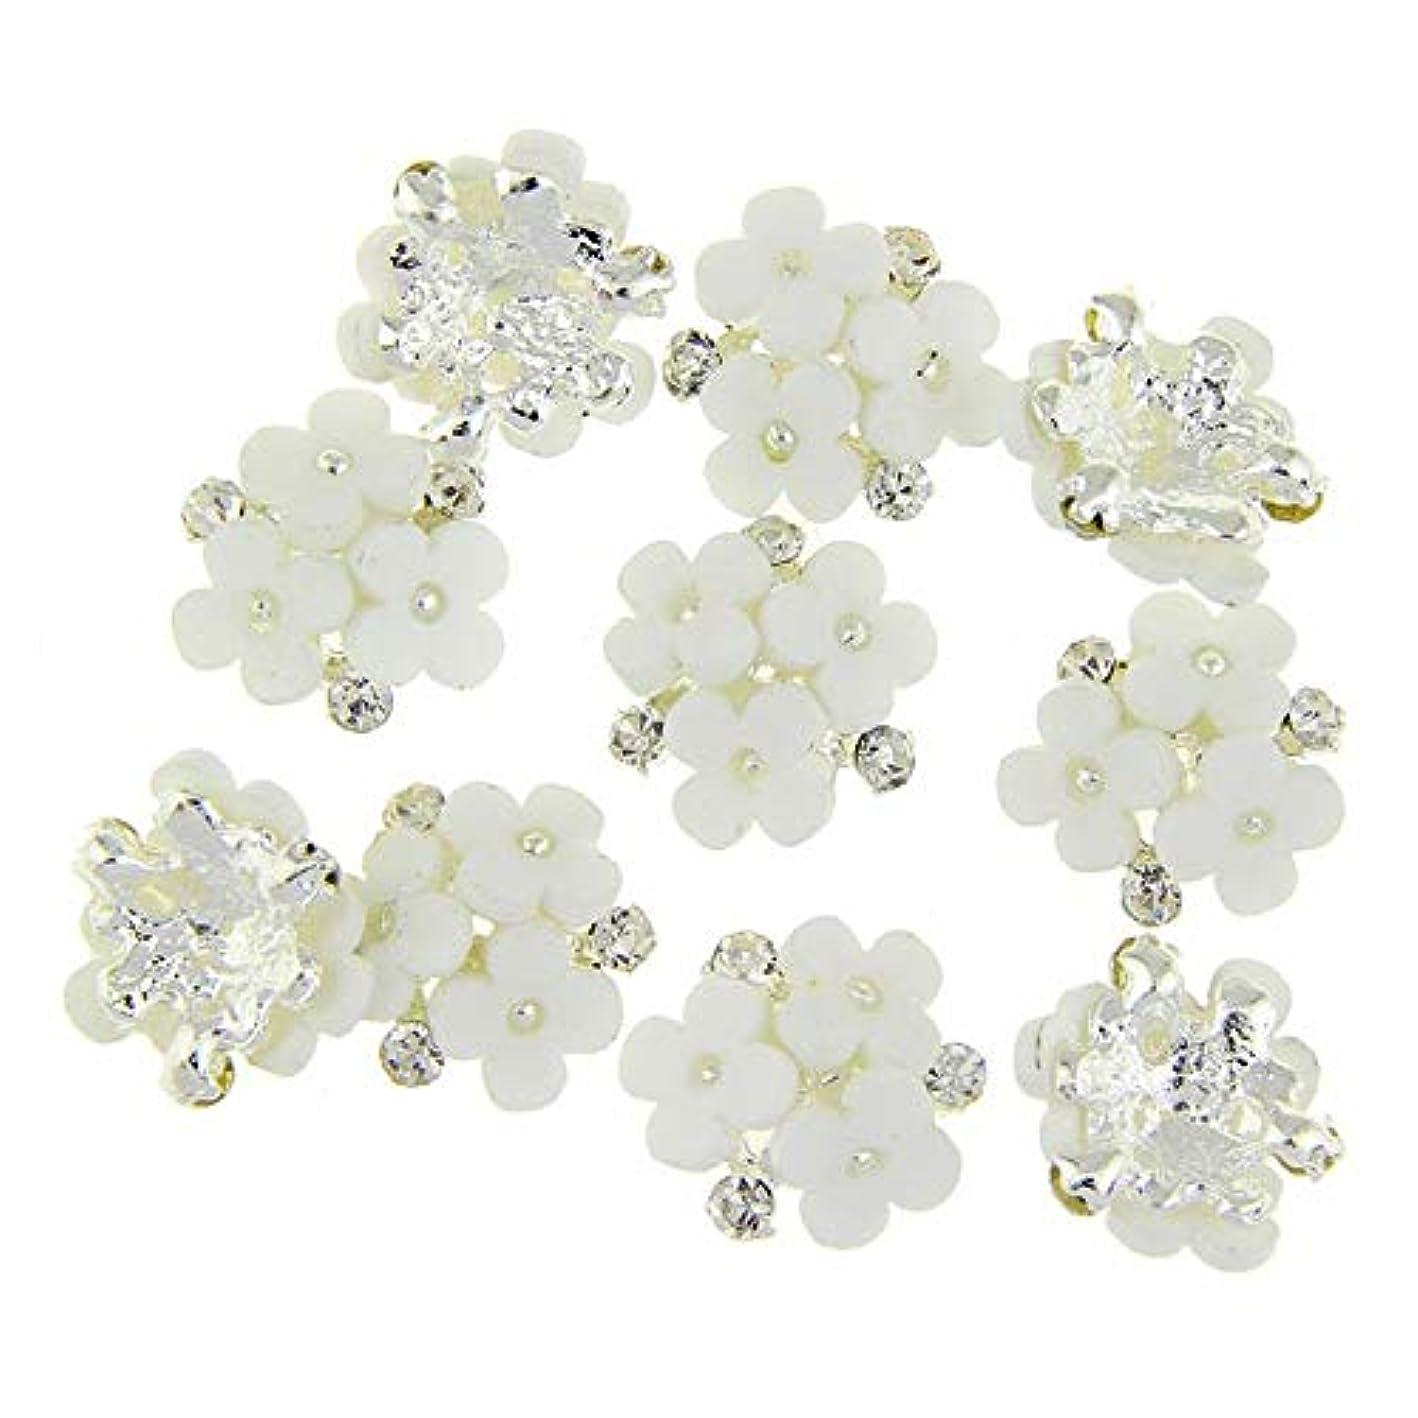 スピリチュアルいじめっ子海岸ネイルズ3D花銀合金チャーム用10個/ロット三花柄ラインストーンは、アートの装飾ネイル